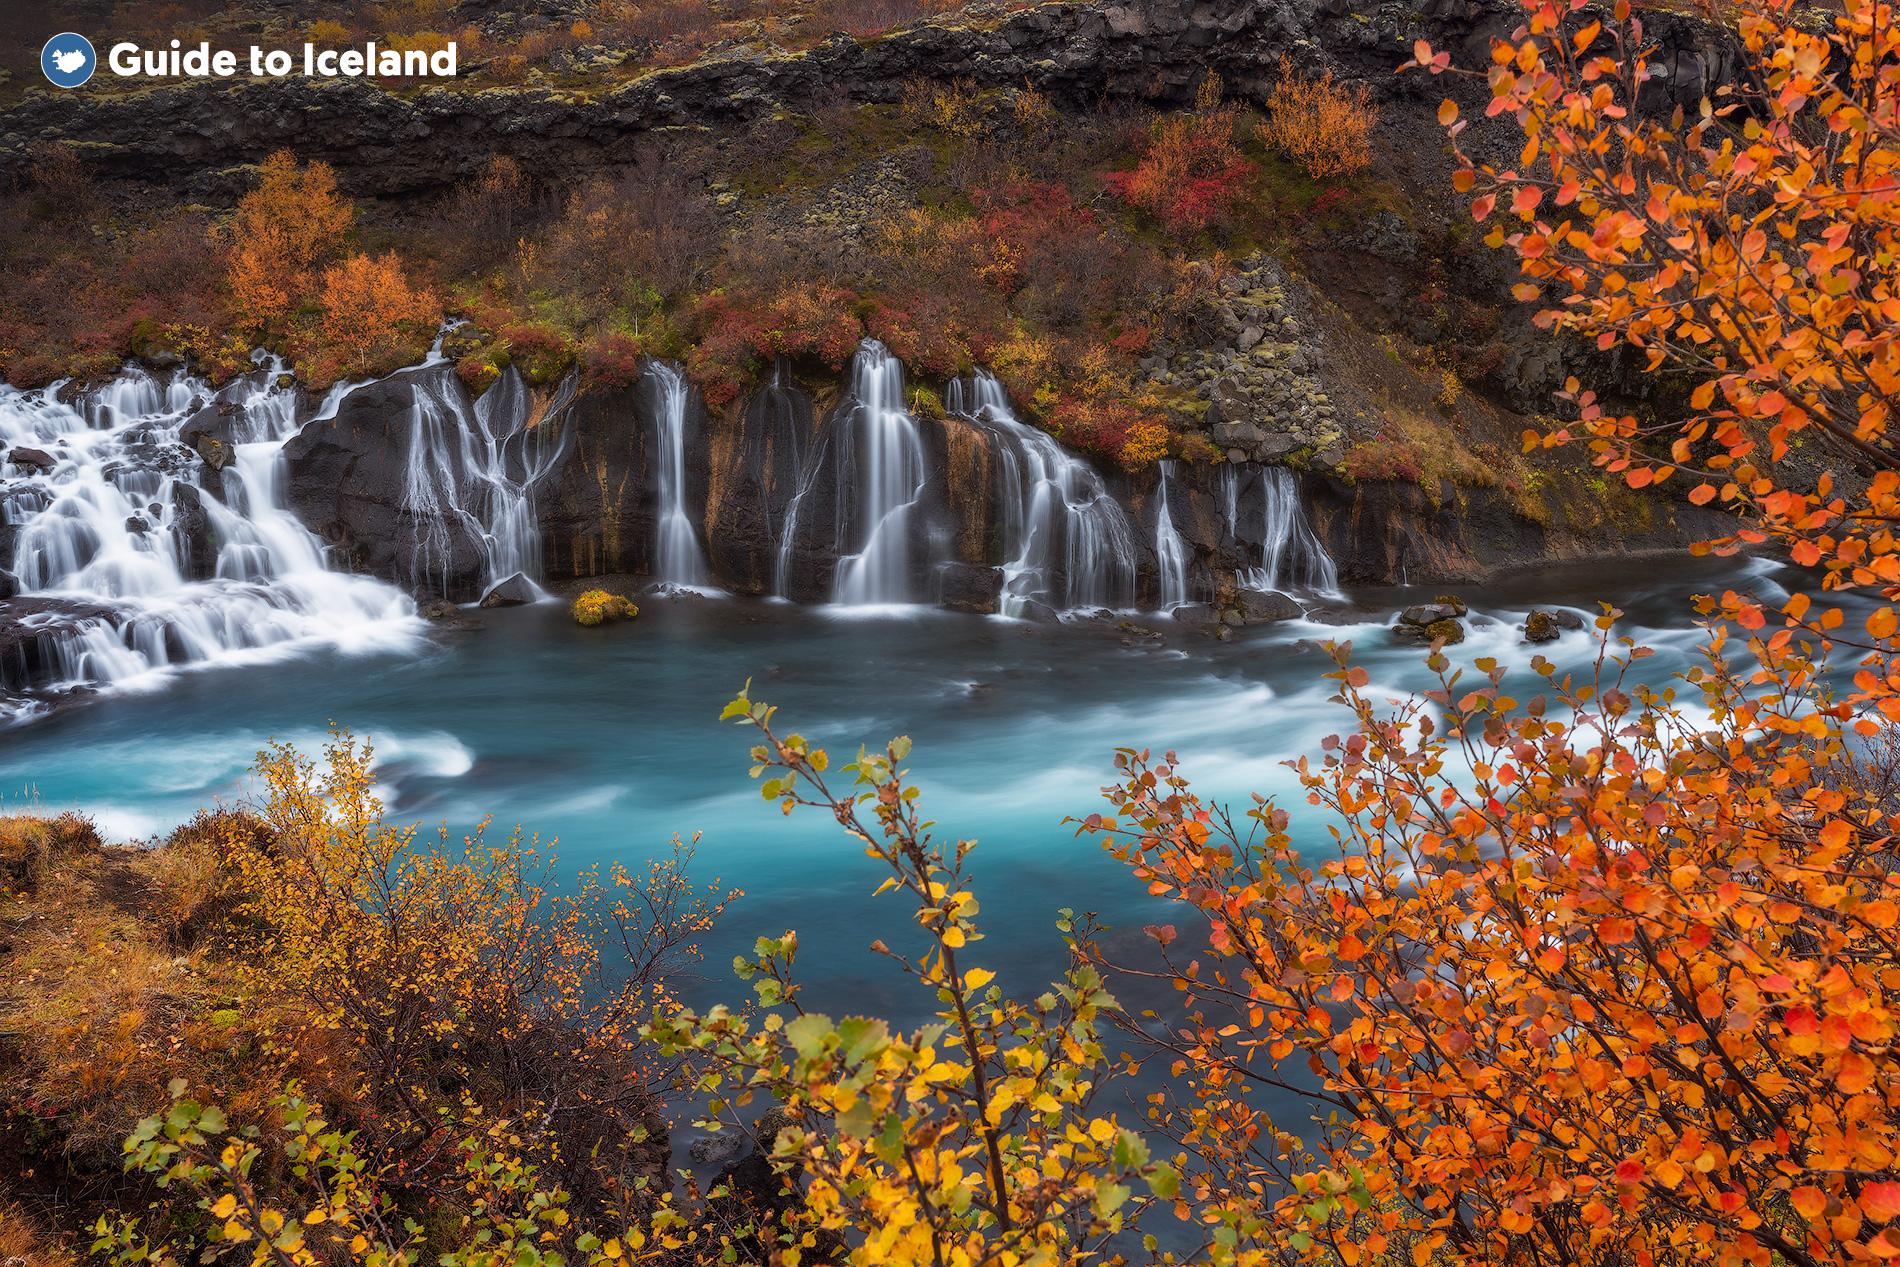 Las hermosas cascadas de Hraunfossar son una de las atracciones de la costa oeste de Islandia, que a menudo se pasa por alto.